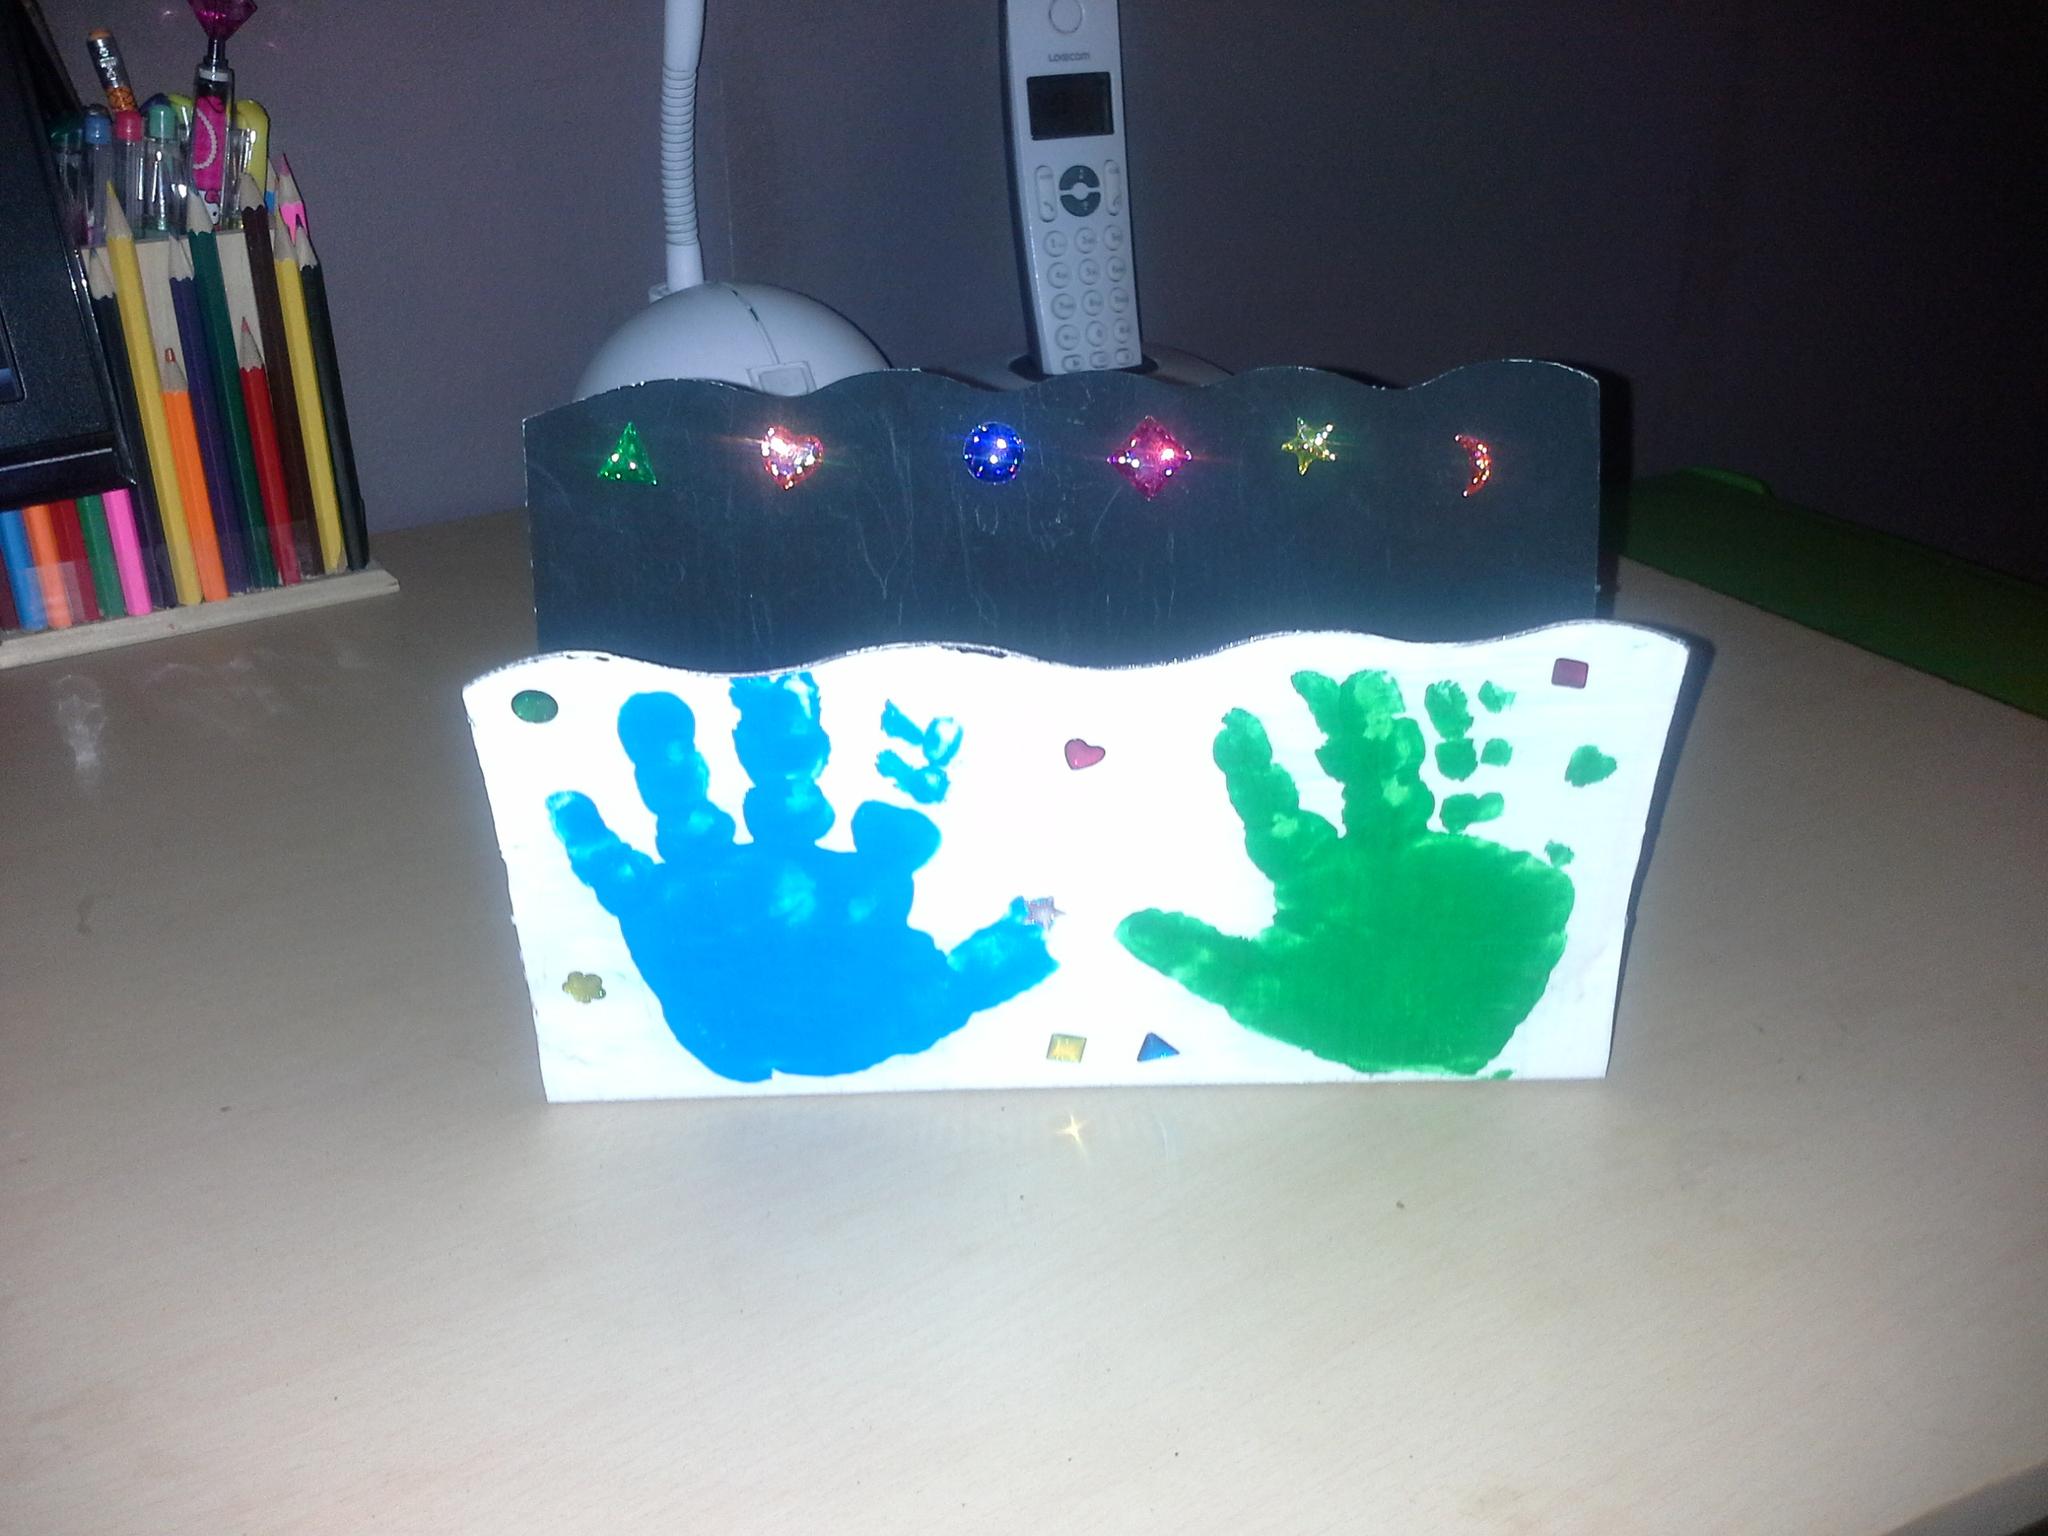 Activités Manuelles À Faire Avec Les Enfants - Des Idées De dedans Activité Manuelle Enfant 4 Ans